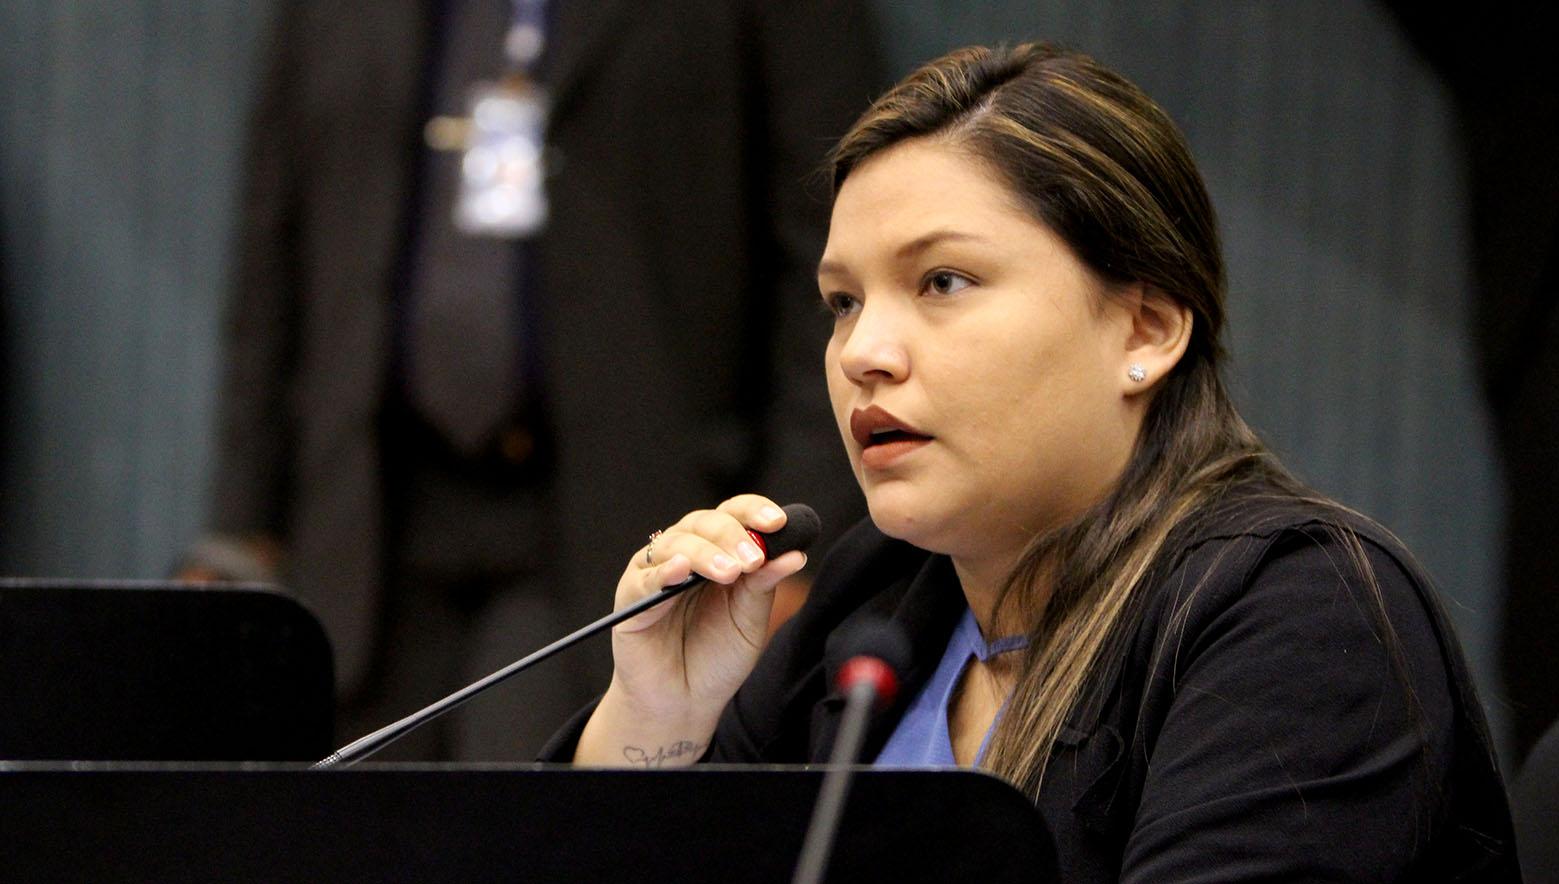 Machismo e censura contra vereadora Joana D'Arc na Câmara  Municipal de Manaus